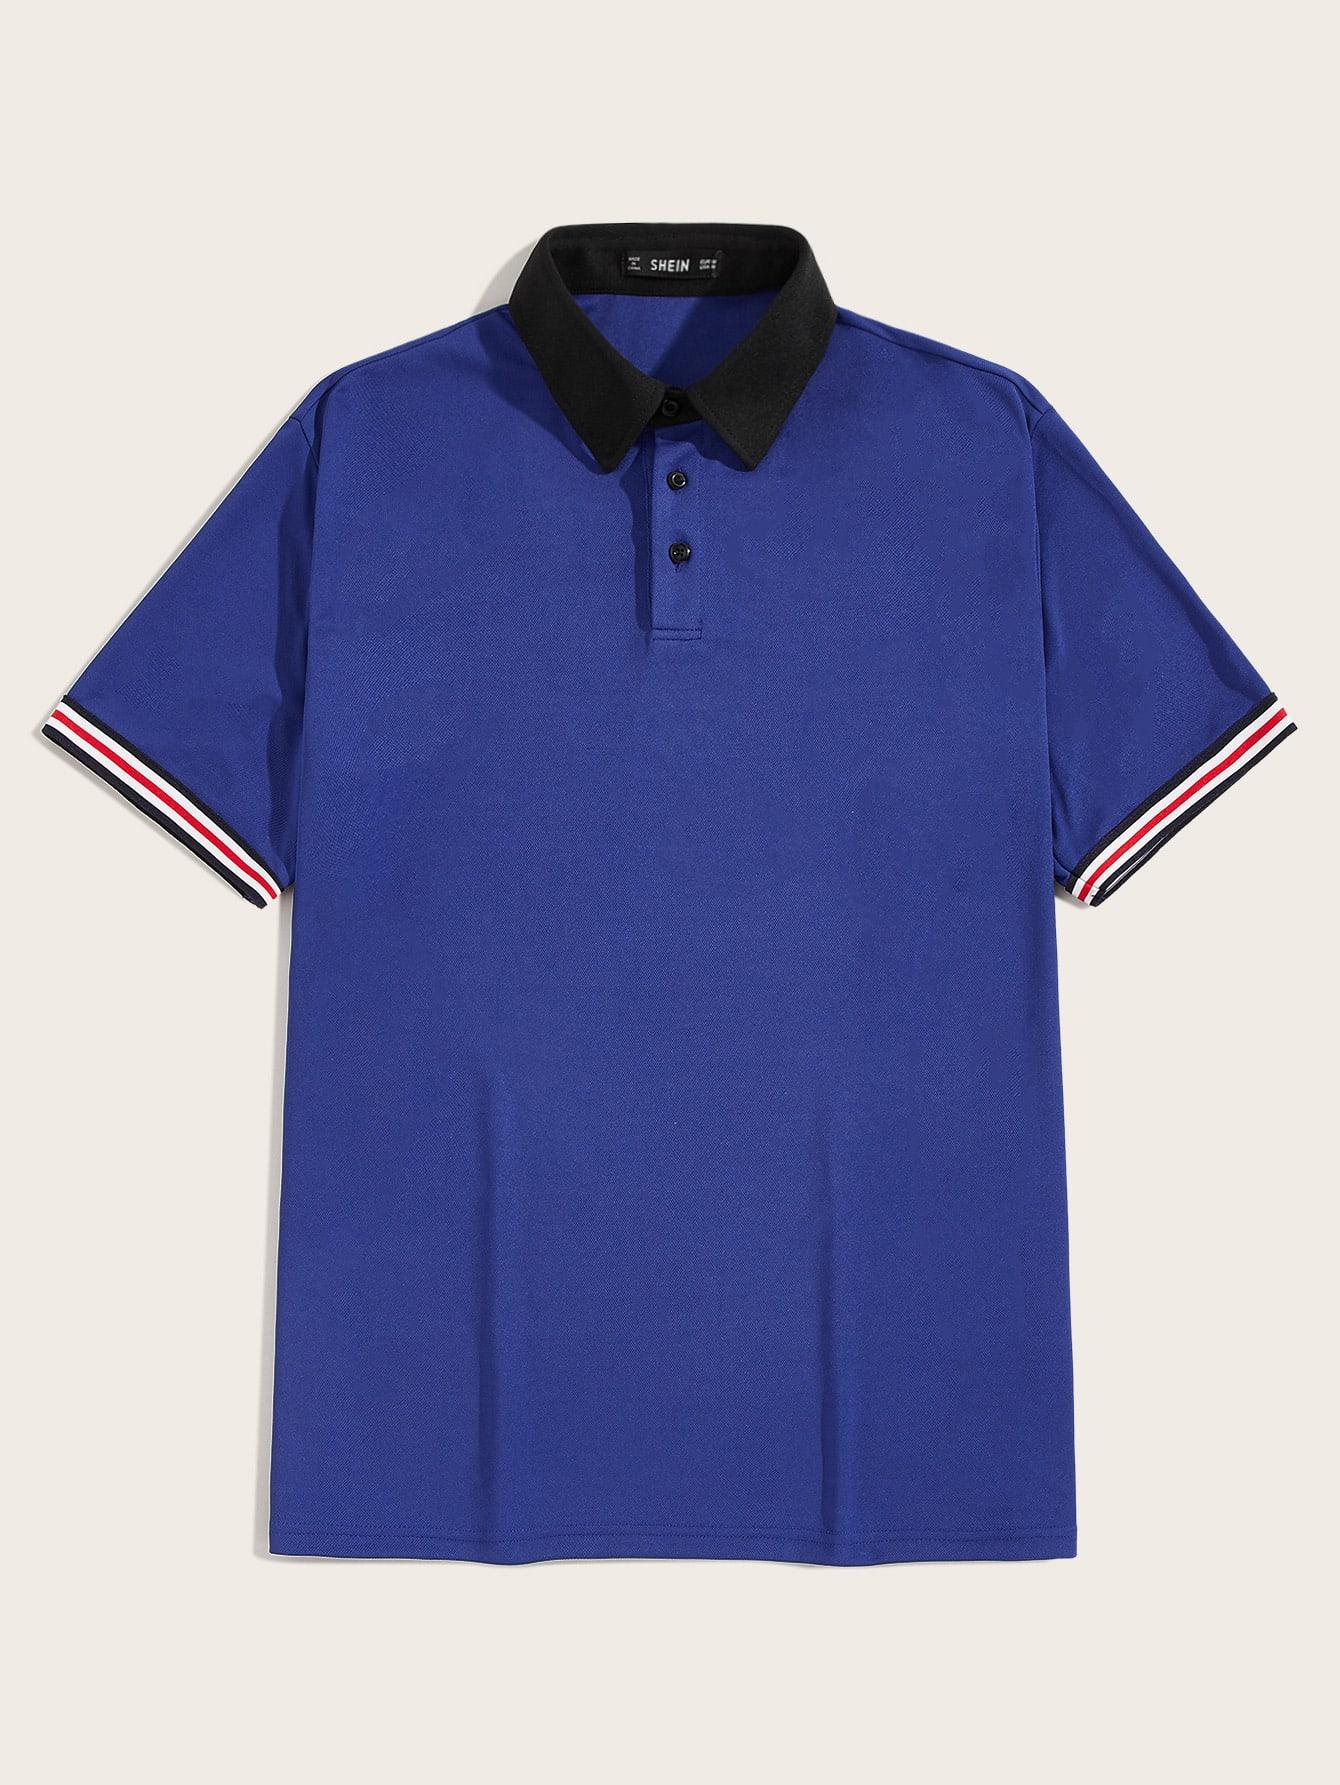 Фото - Мужская рубашка-поло в полоску с контрастным вырезом от SheIn синего цвета